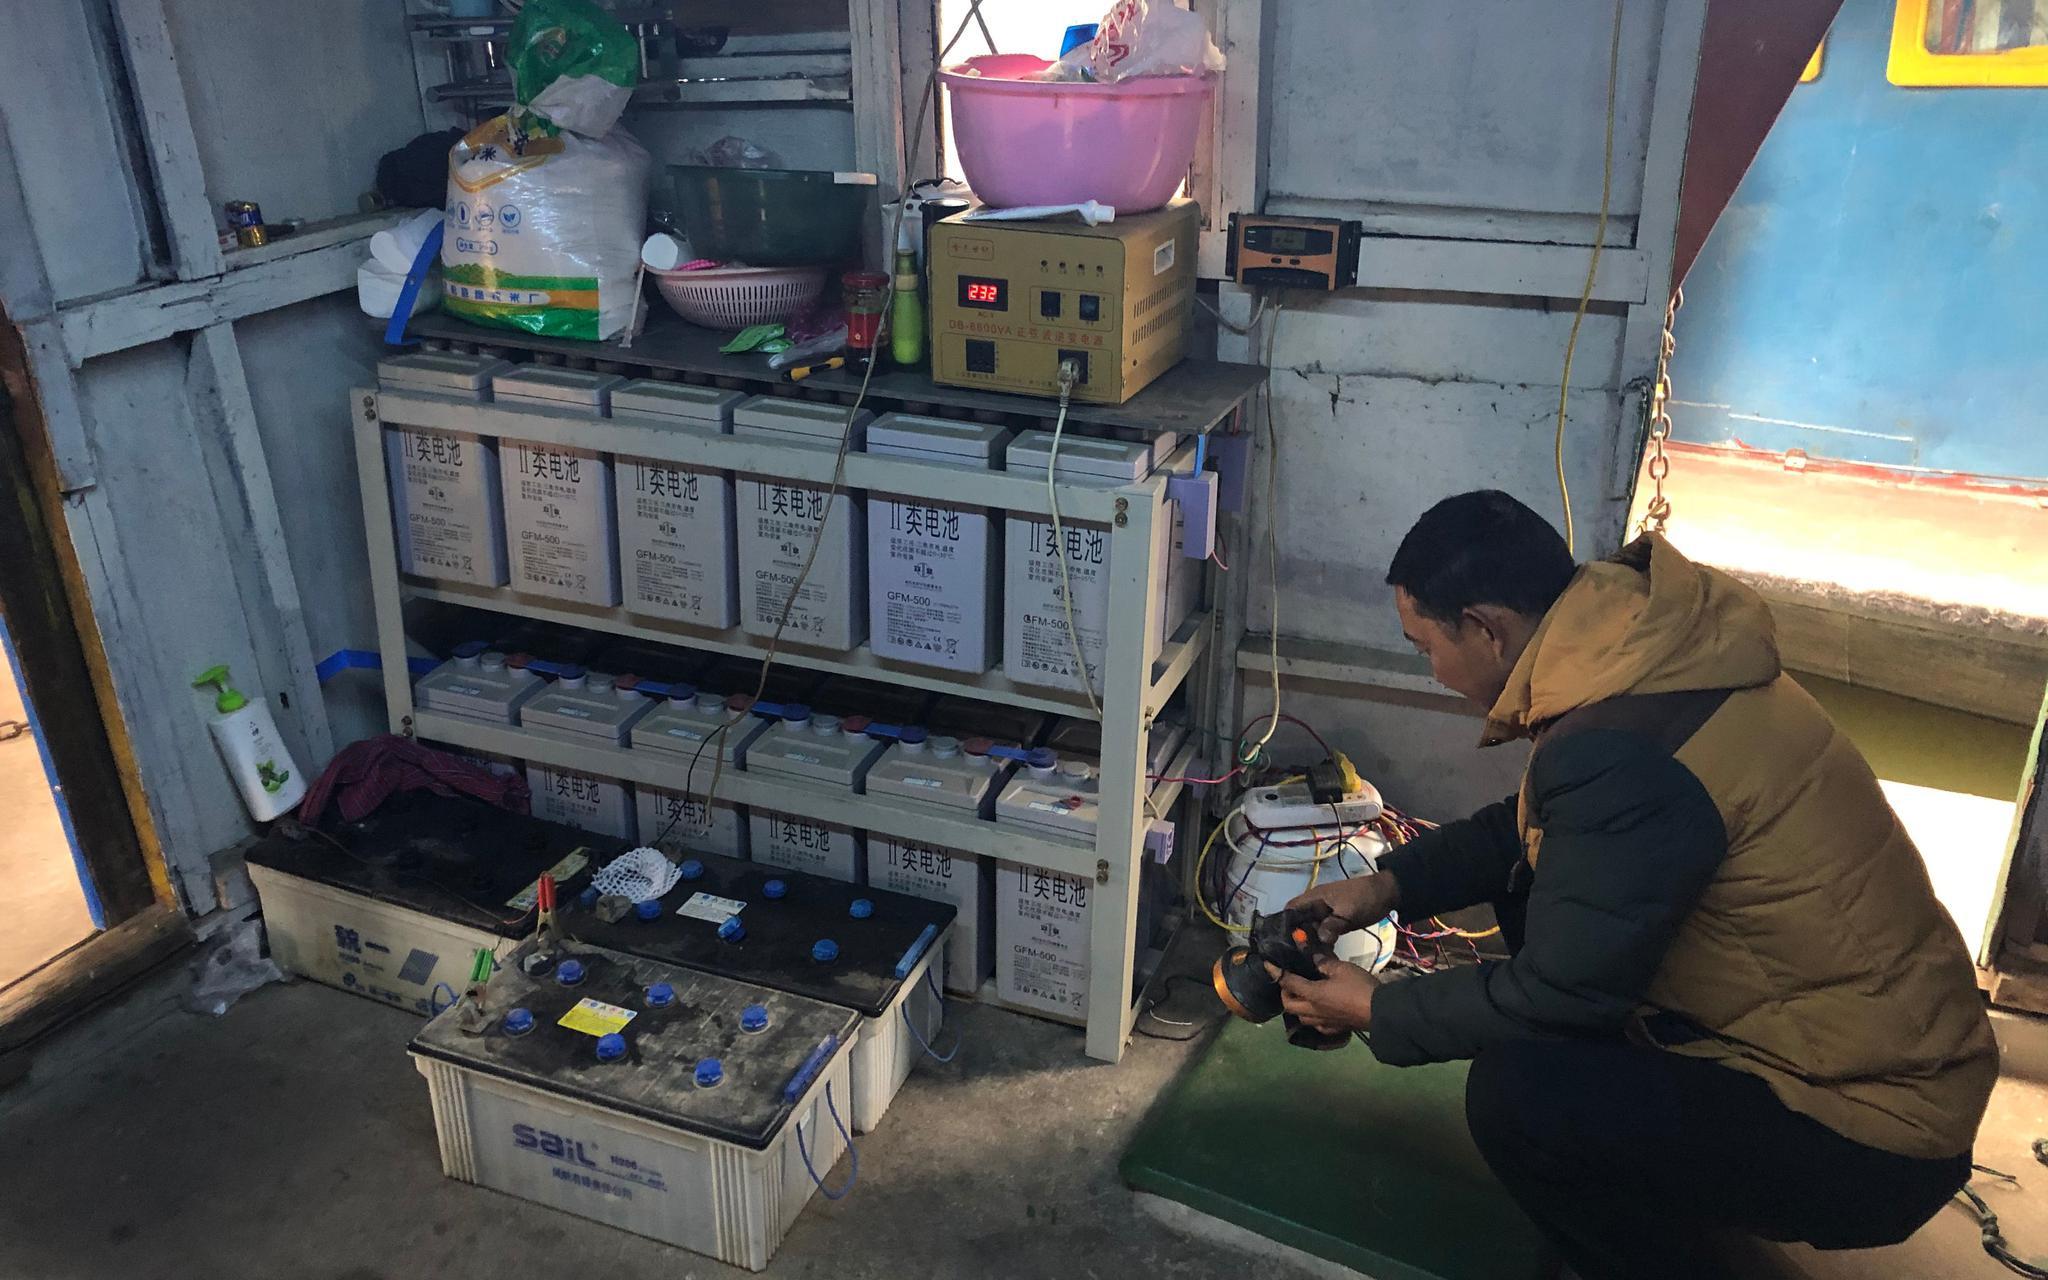 胡存库在船上给灯充电。为了用上稳定的电源,他在两年前购入了这些蓄电池。新京报记者 韩沁珂 摄